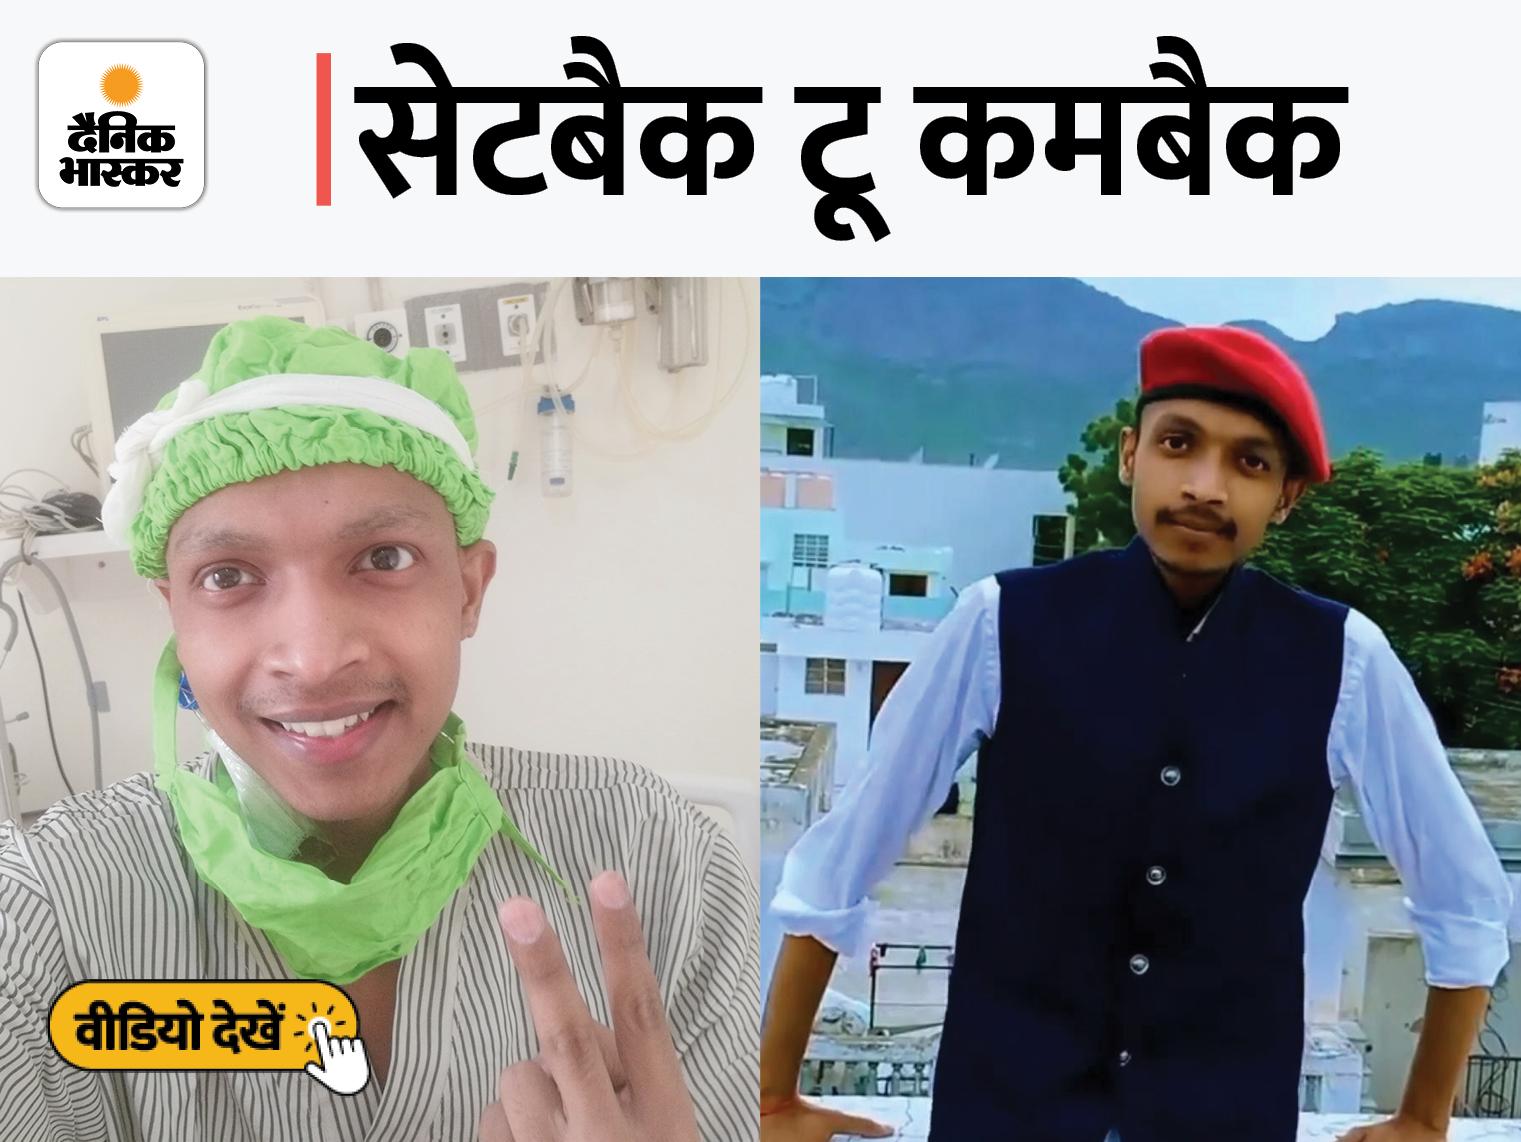 राजस्थान के जयंत को 6 बार कैंसर हुआ, 60 बार रेडियोथेरेपी करवानी पड़ी, लेकिन हार नहीं मानी; अब मोटिवेशनल स्पीकर हैं, लाखों लोगों को हौसला देते हैं|DB ओरिजिनल,DB Original - Dainik Bhaskar